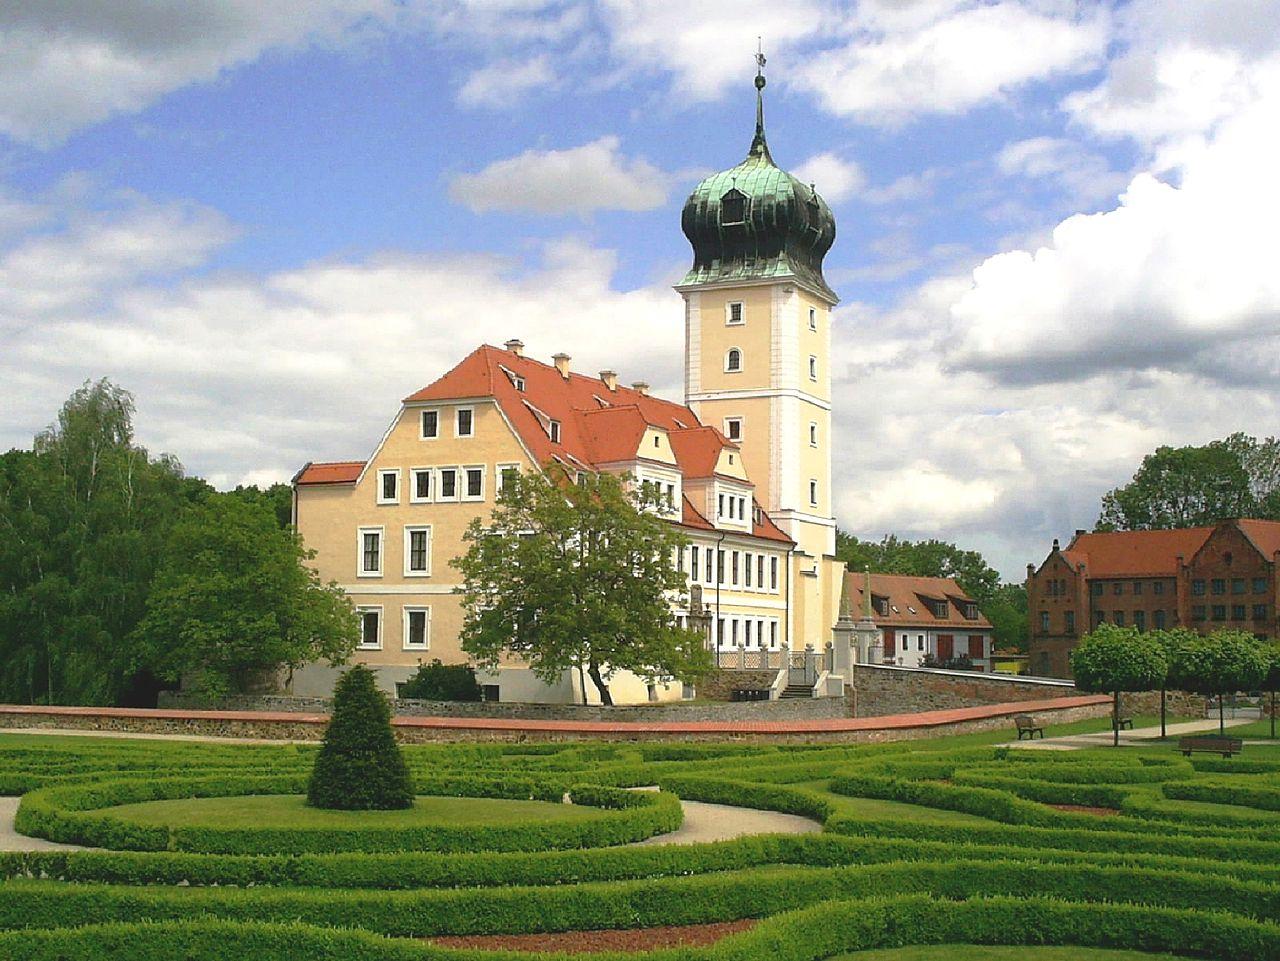 Bild Barockschloss Delitzsch